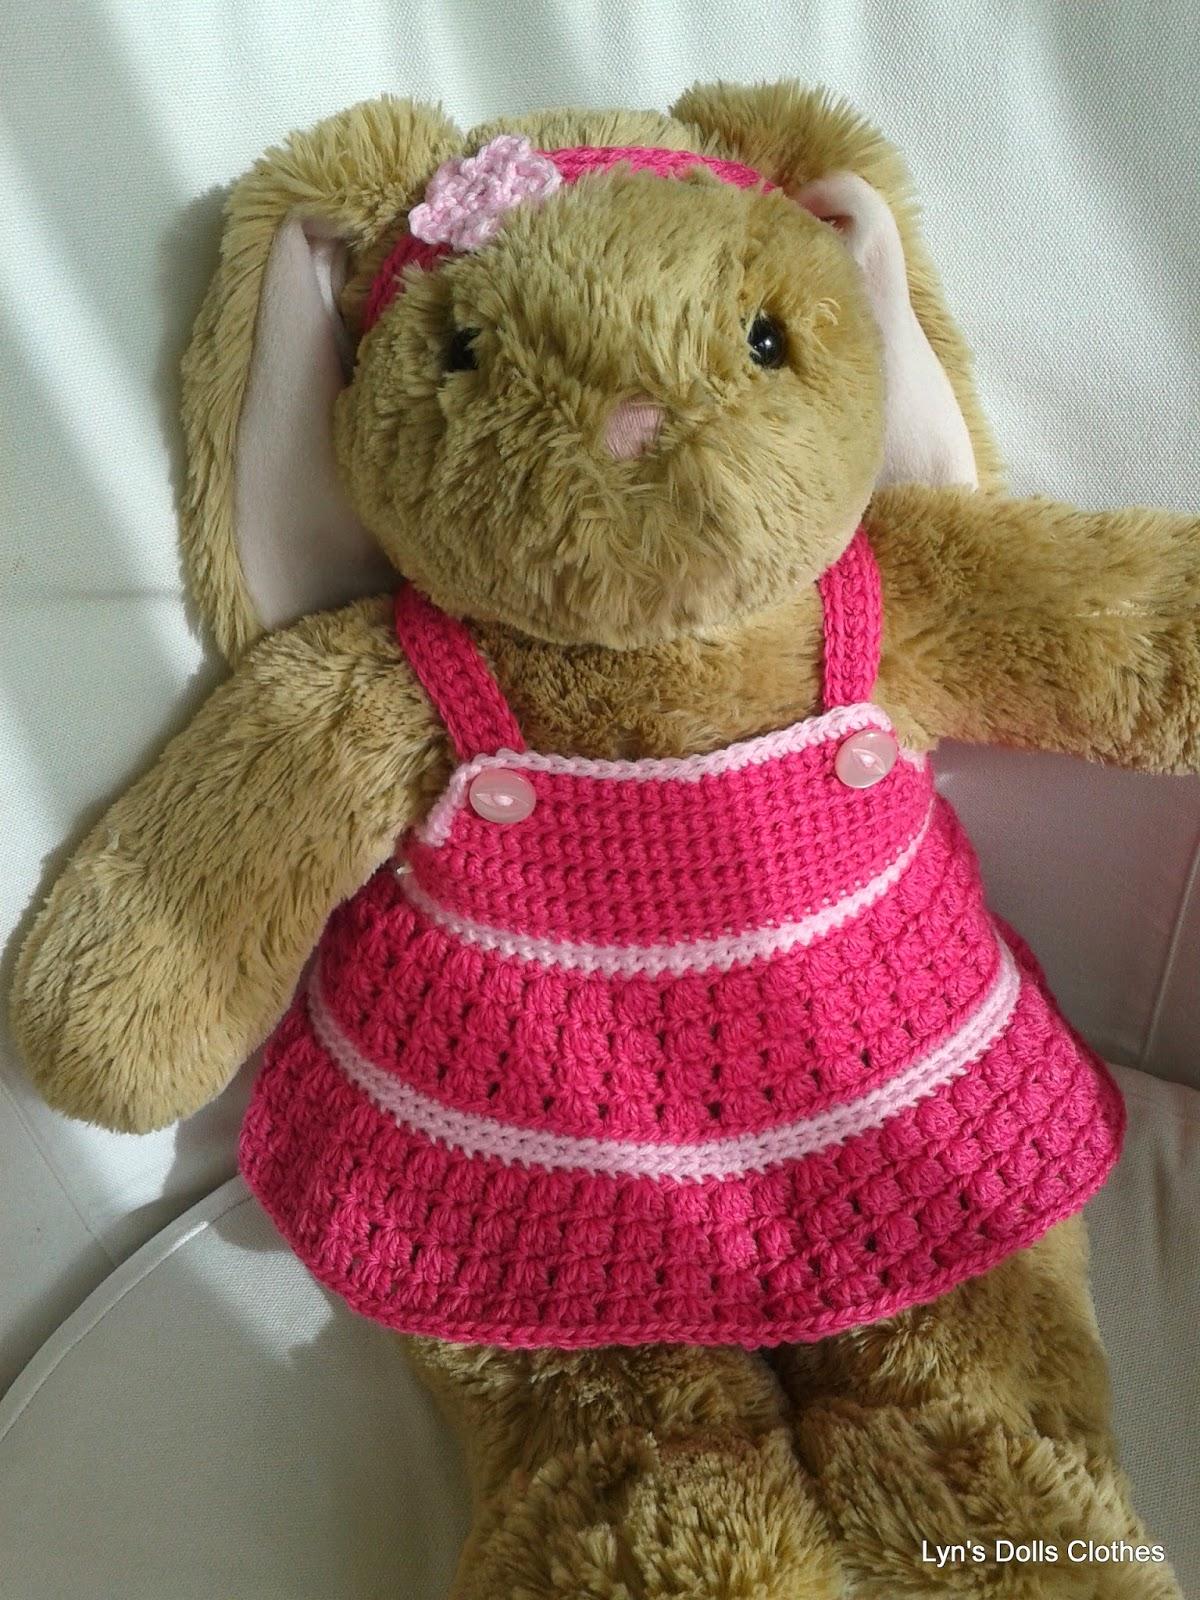 Linmary Knits: Teddy bear crochet dress and headband